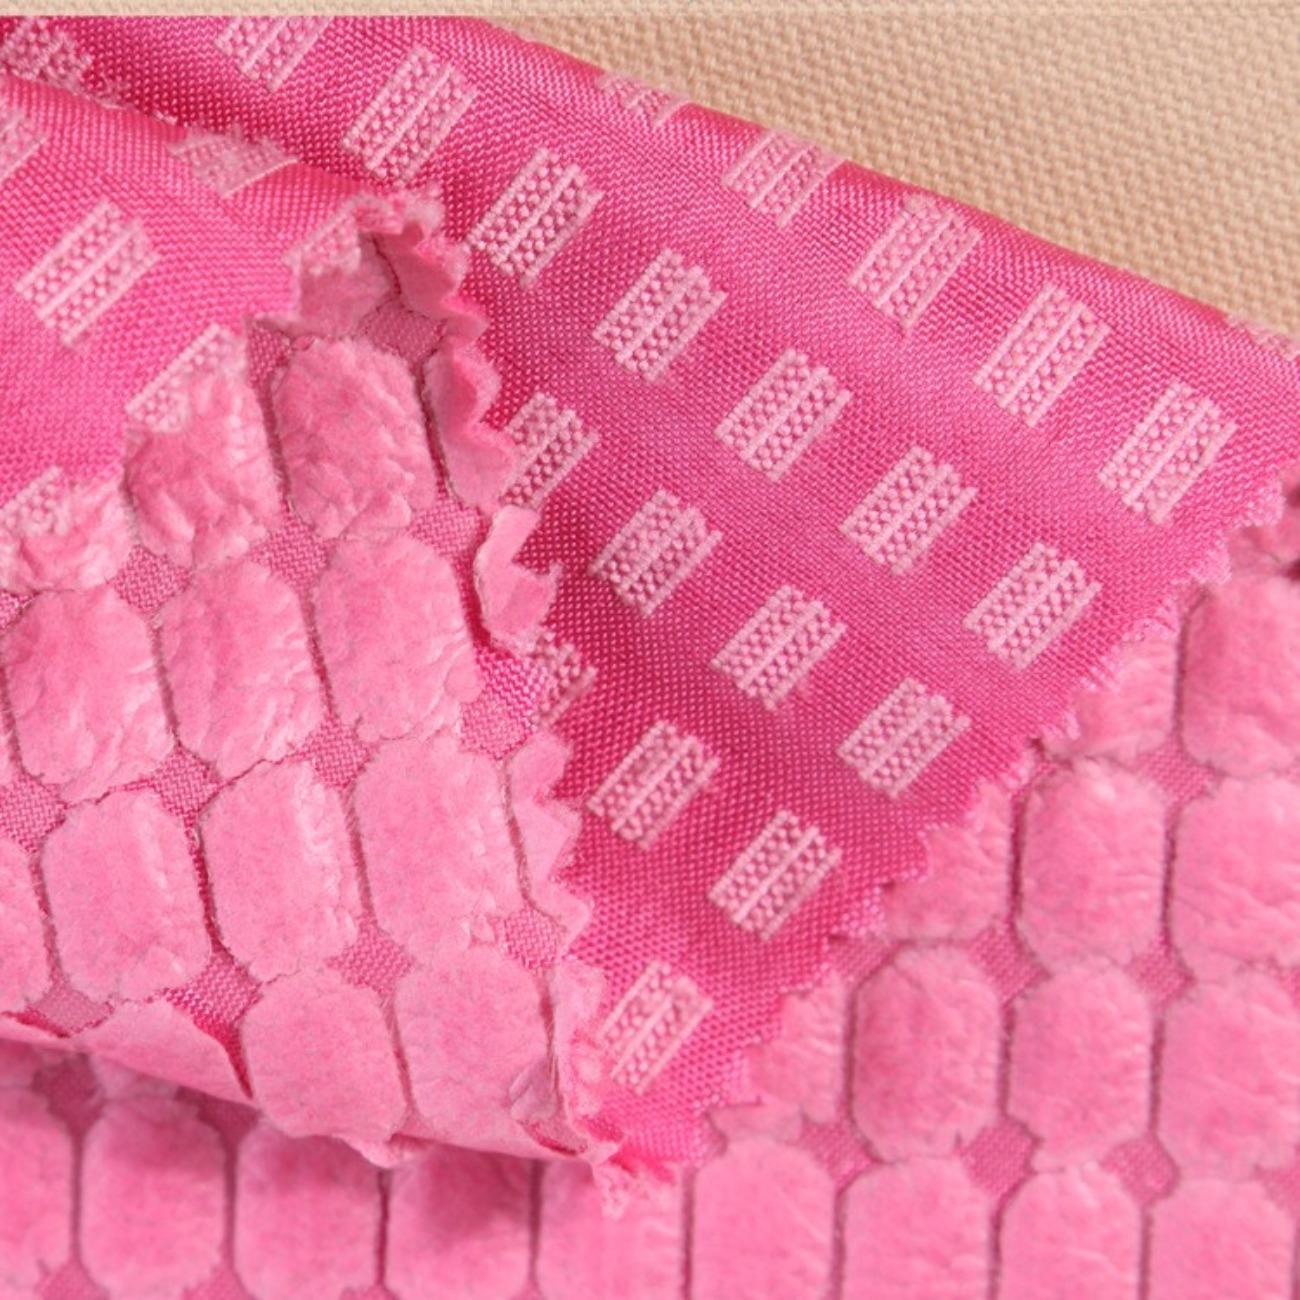 皮革 短裙 外套 格子无弹 连衣裙 细腻 防水 烫金 70928-7